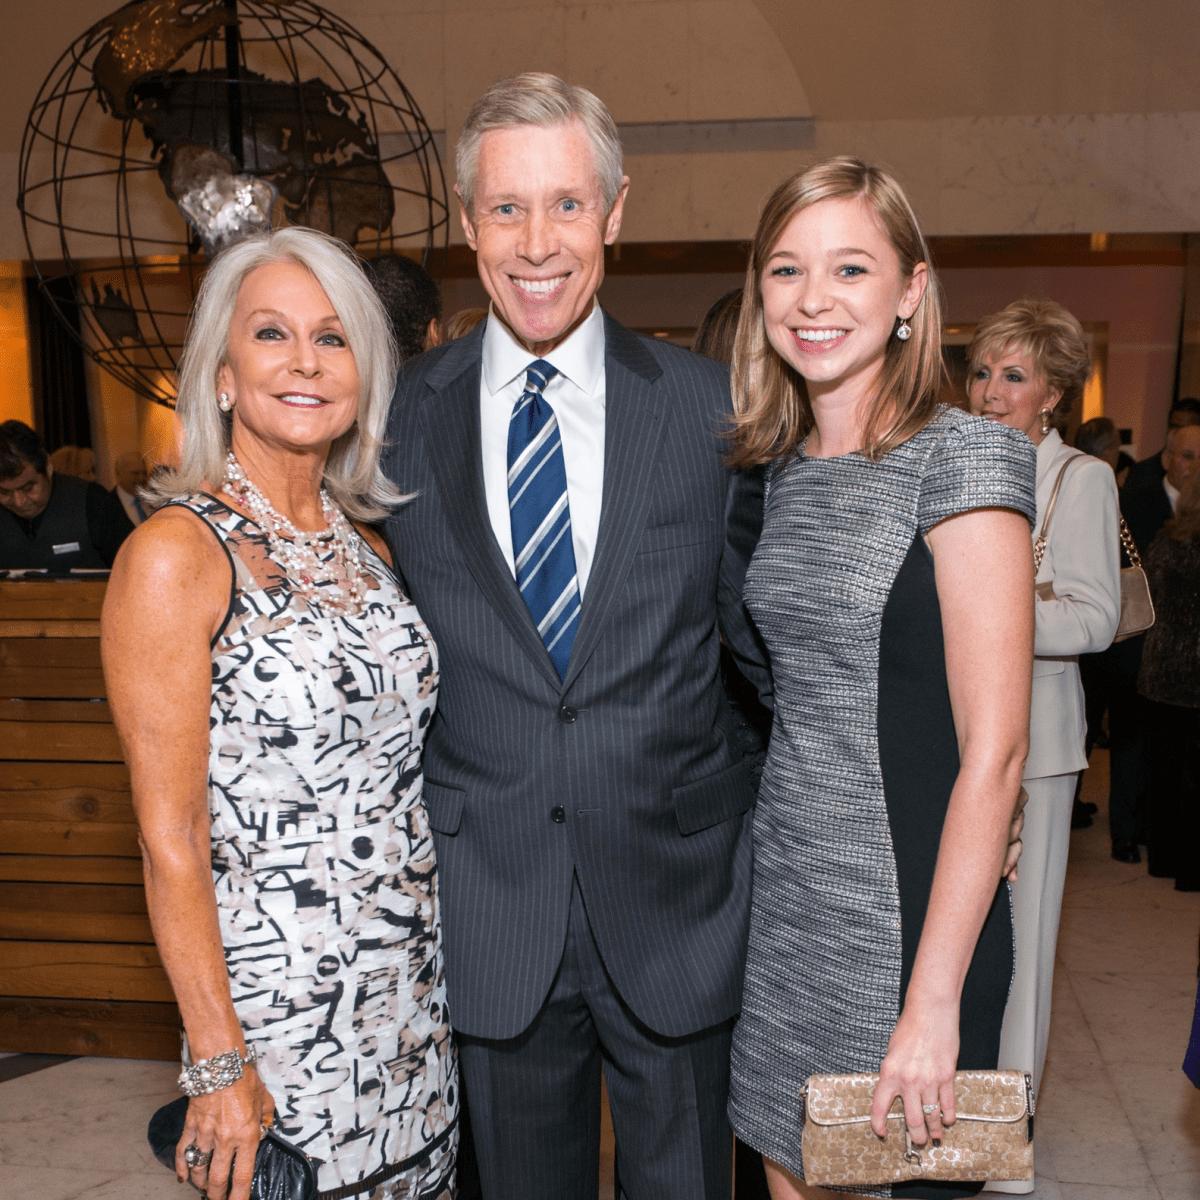 Medical Bridges 2015 Nancy and Steve Beasley, Kate Brock